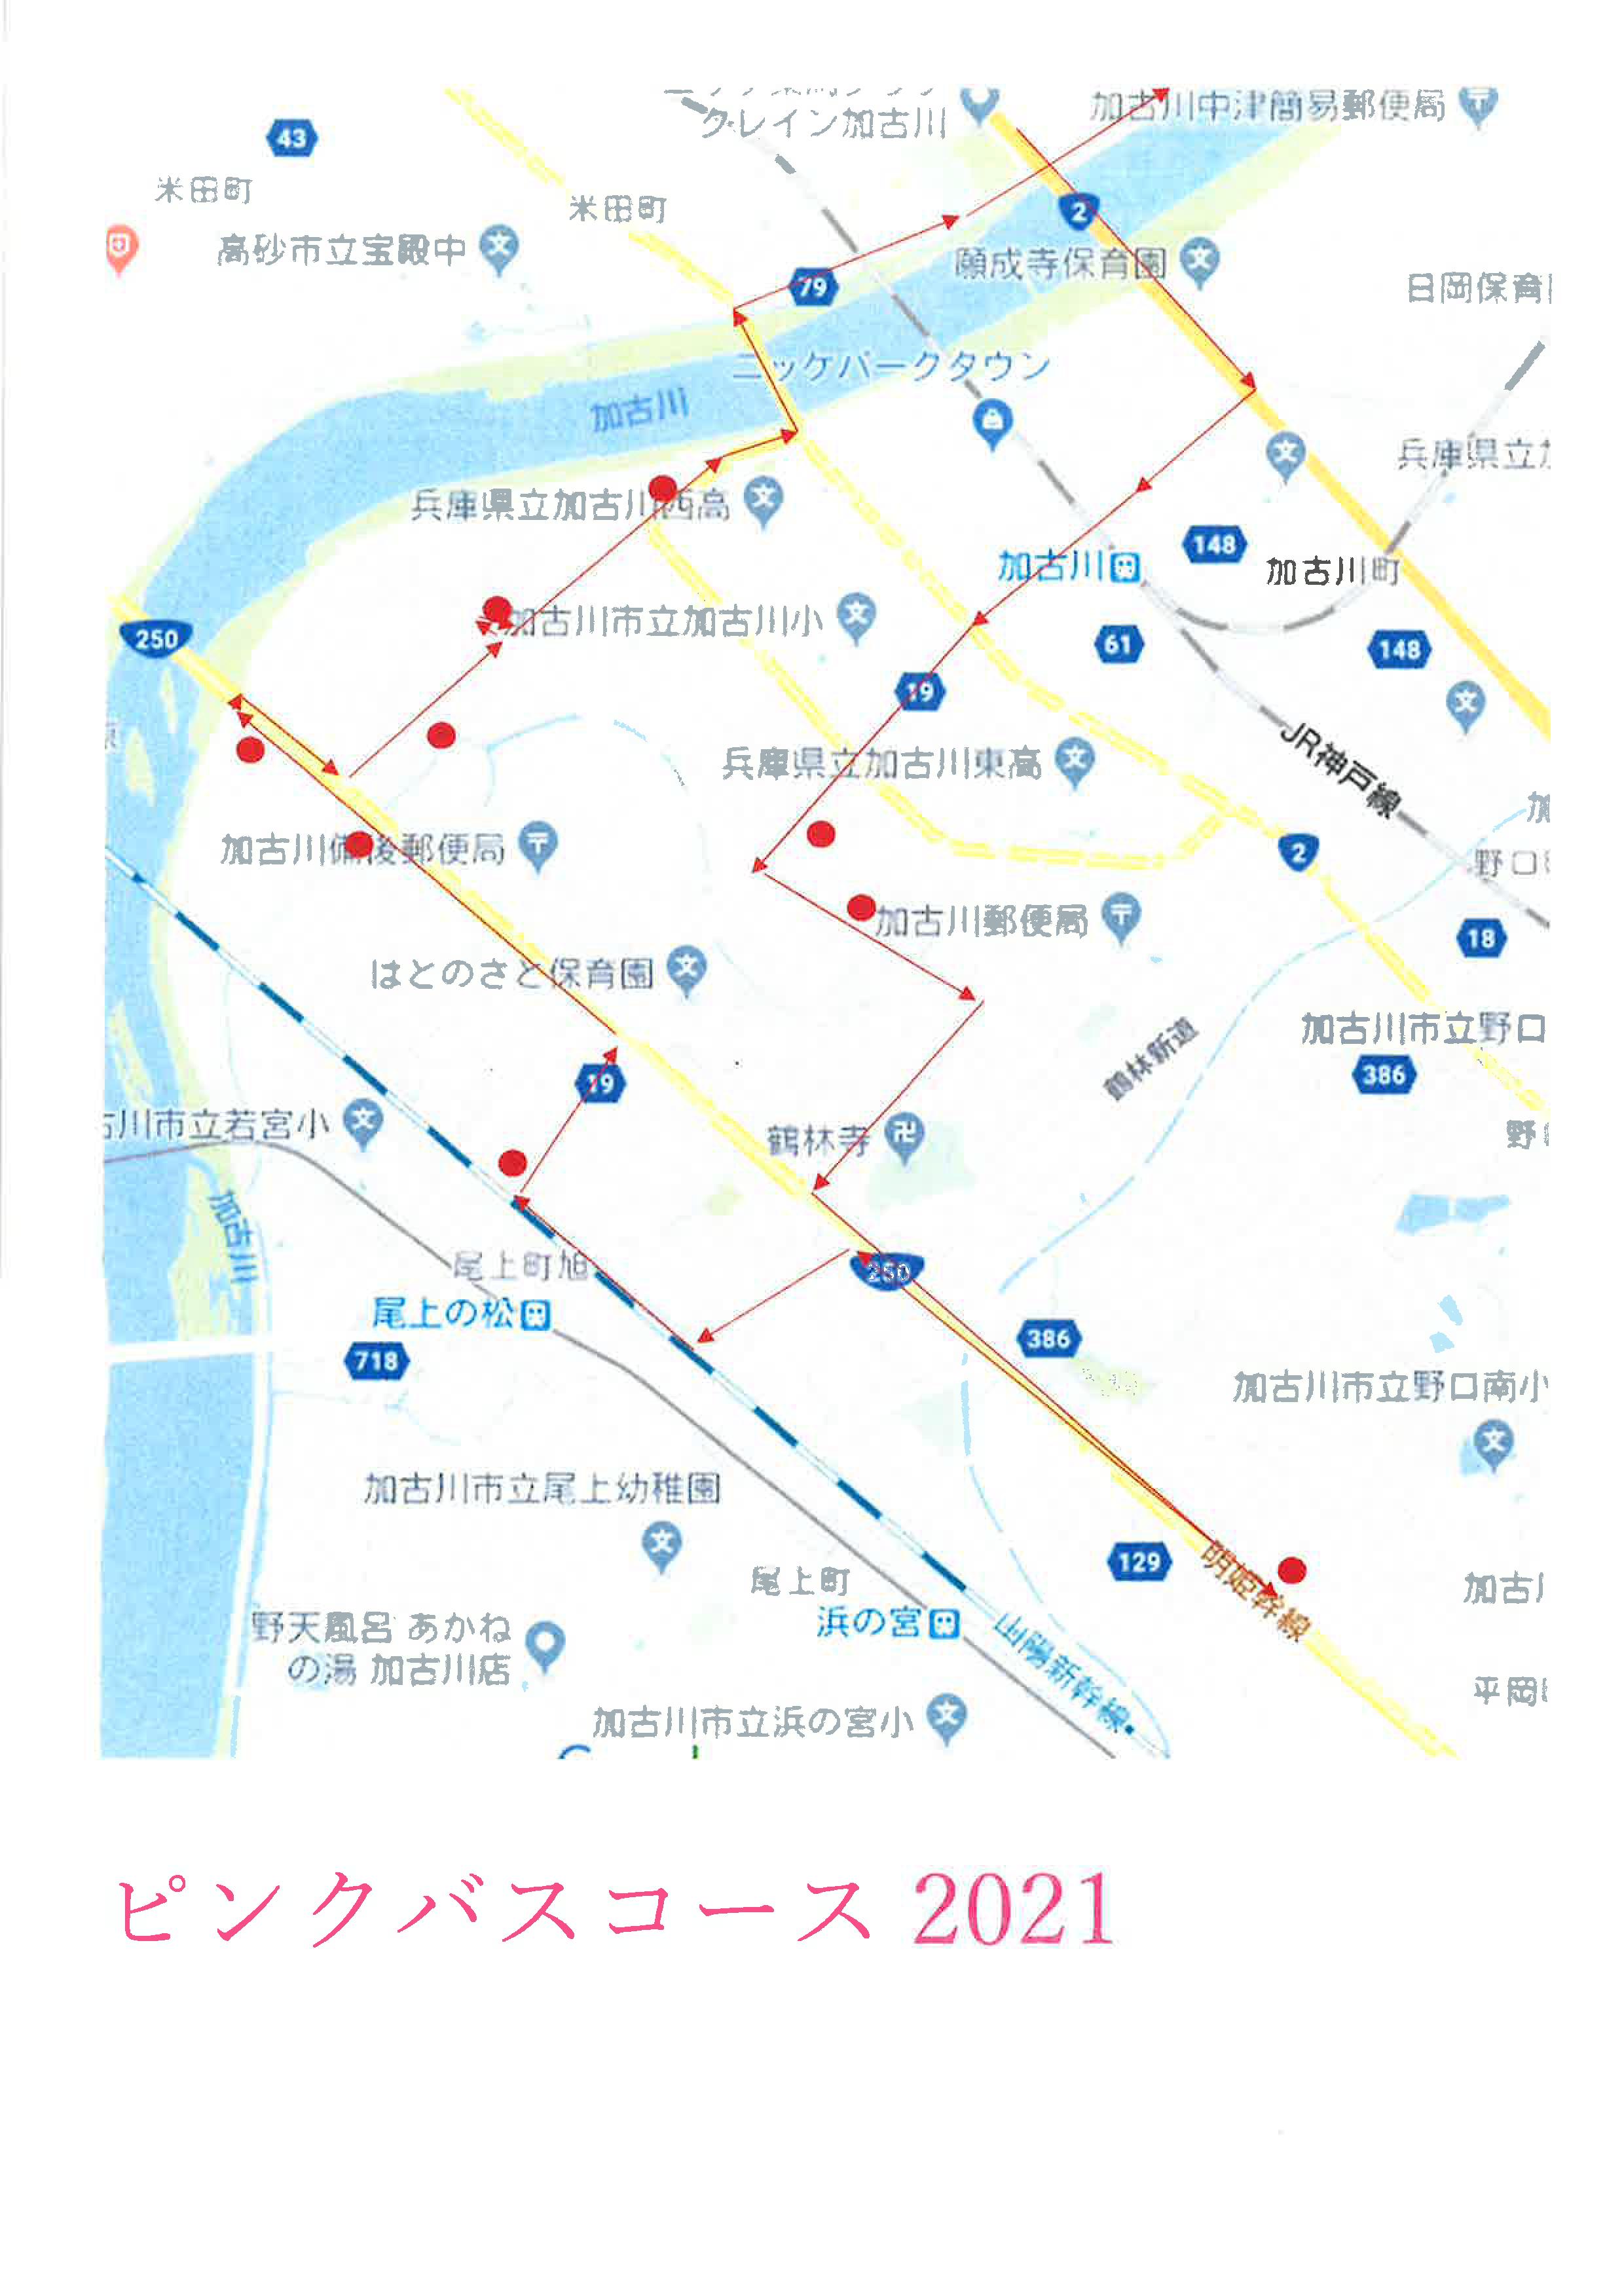 ピンクバス路線図